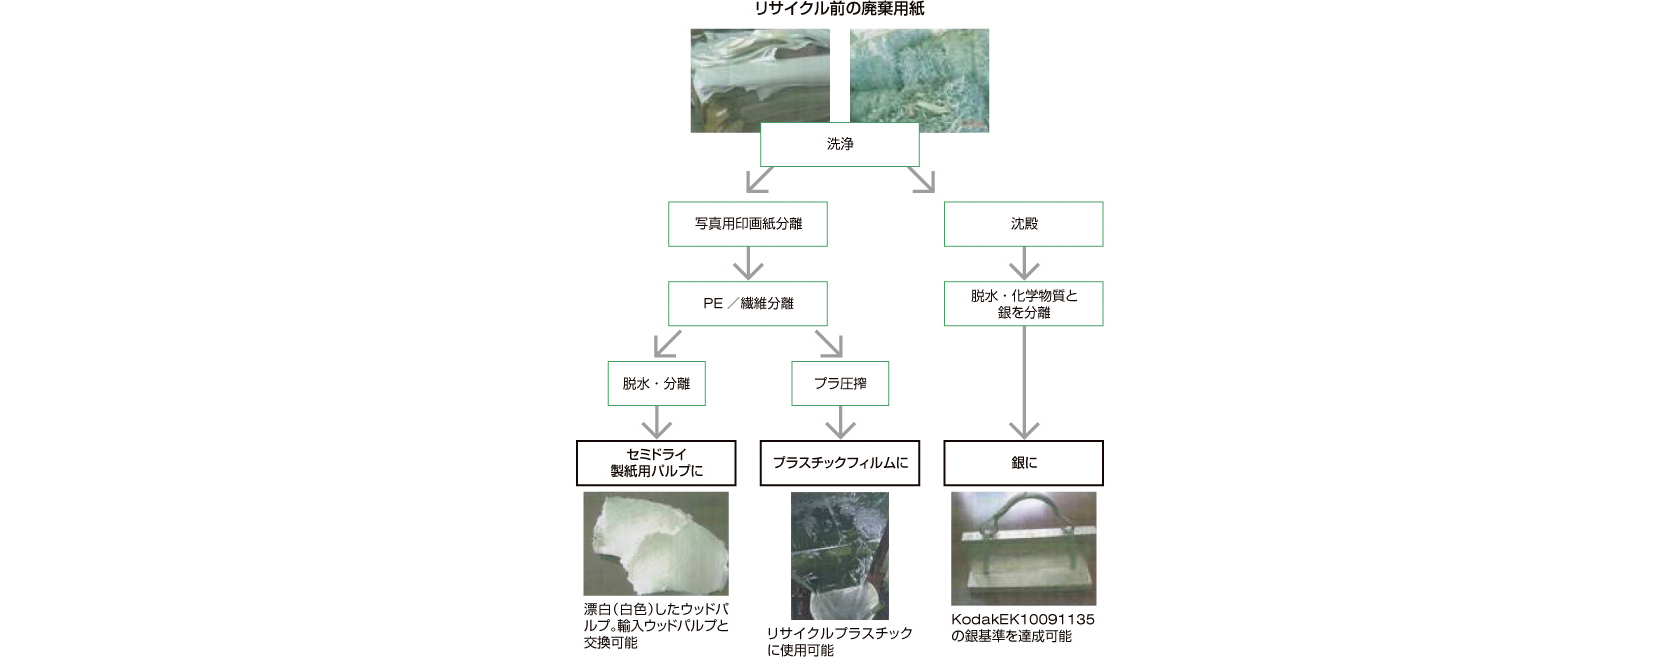 [図]写真用印画紙のリサイクルプロジェクト(中国)